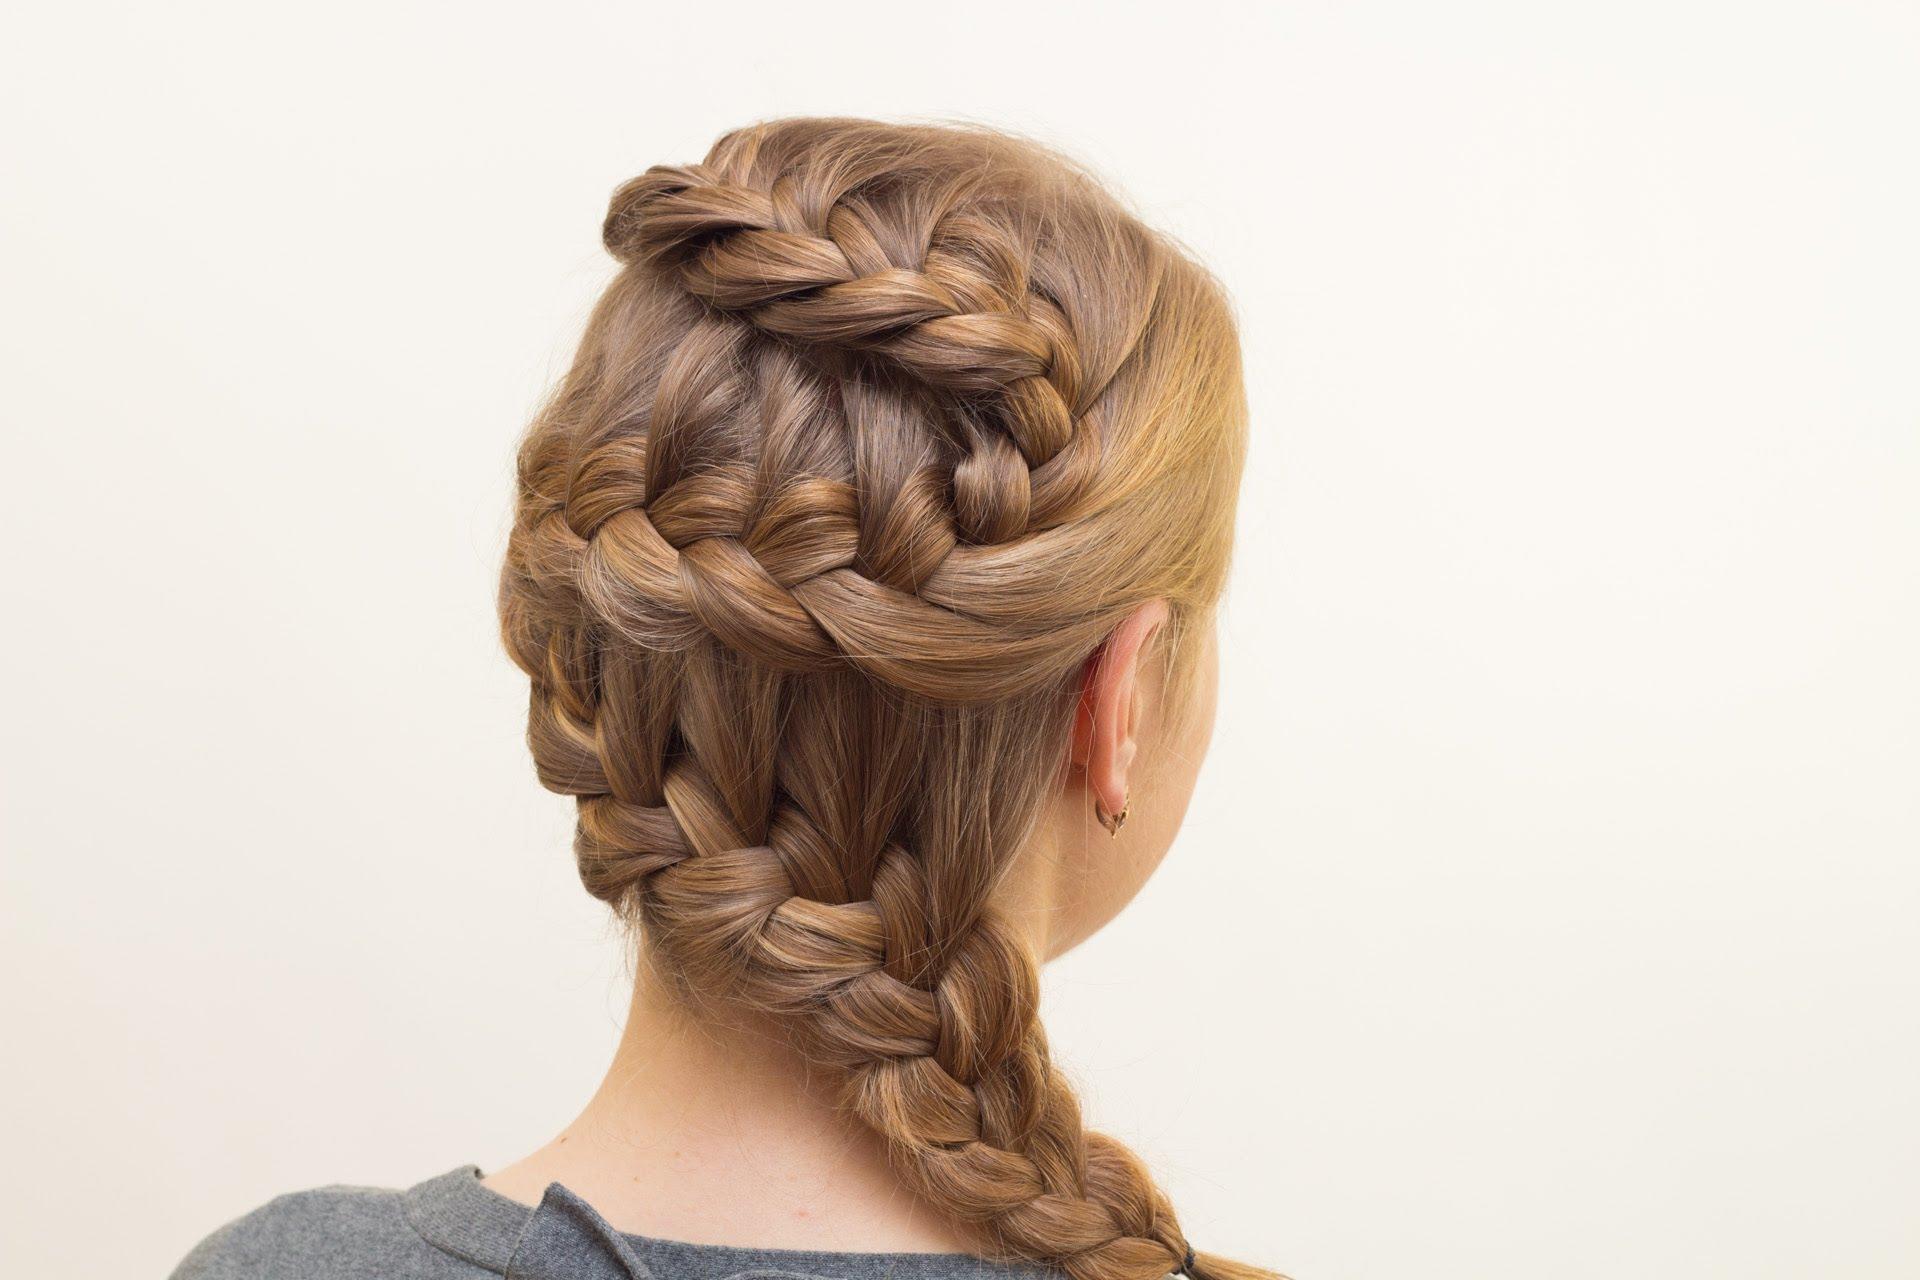 Как заплести красивую косу: эксклюзивные секреты от профи парикмахеров